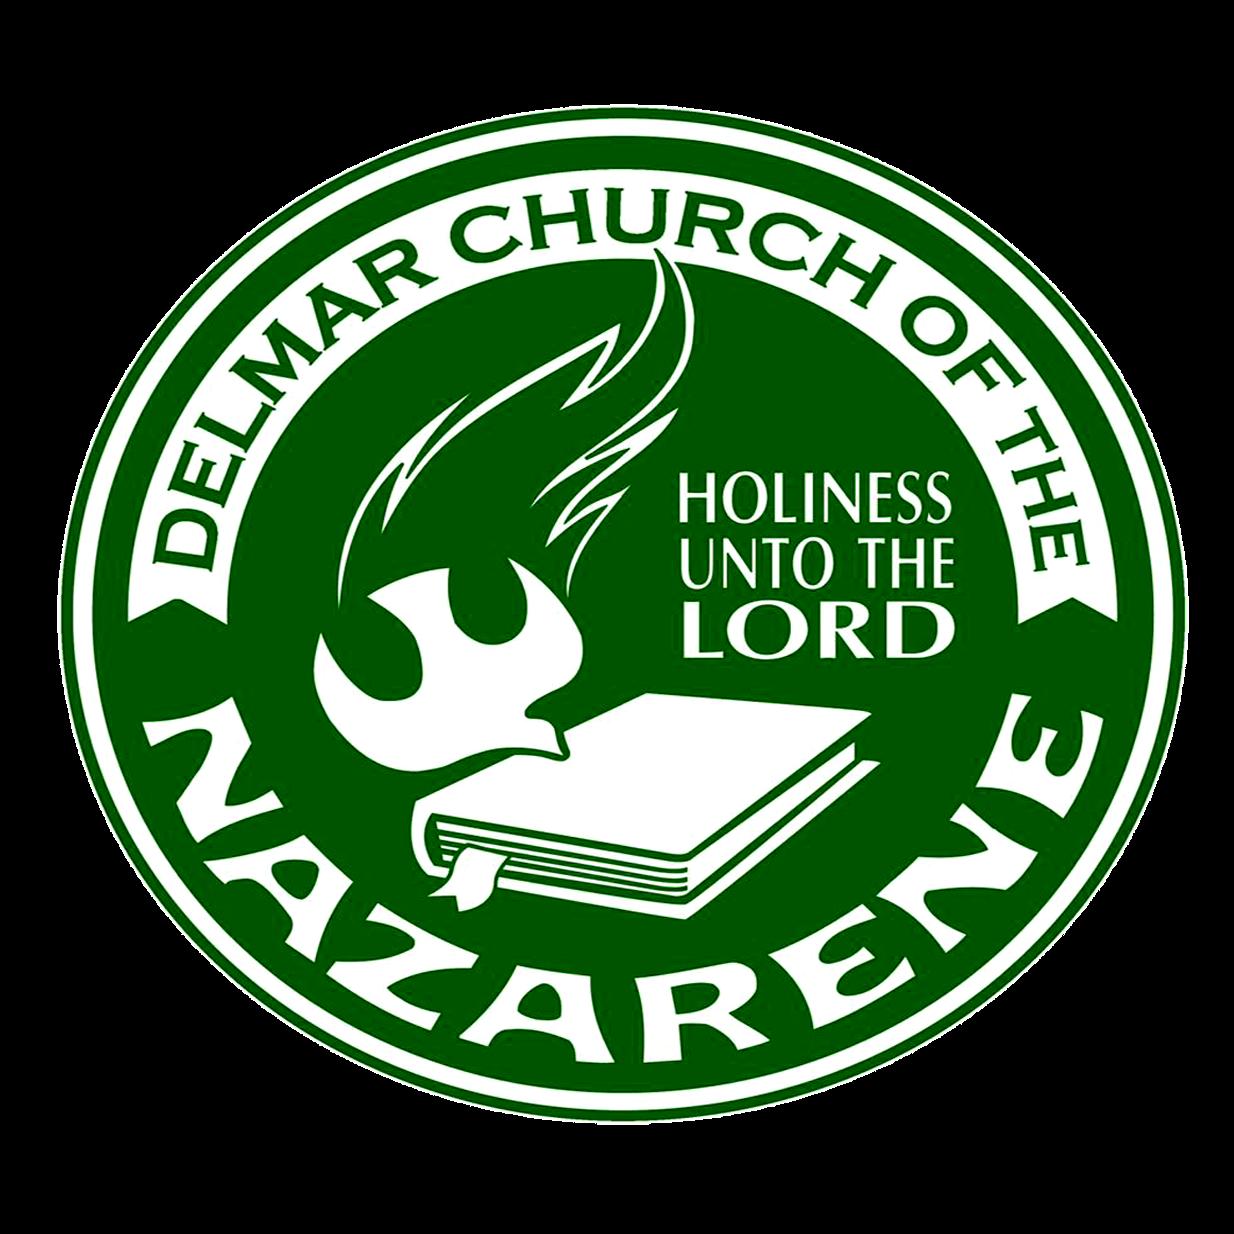 Delmar Church Radio